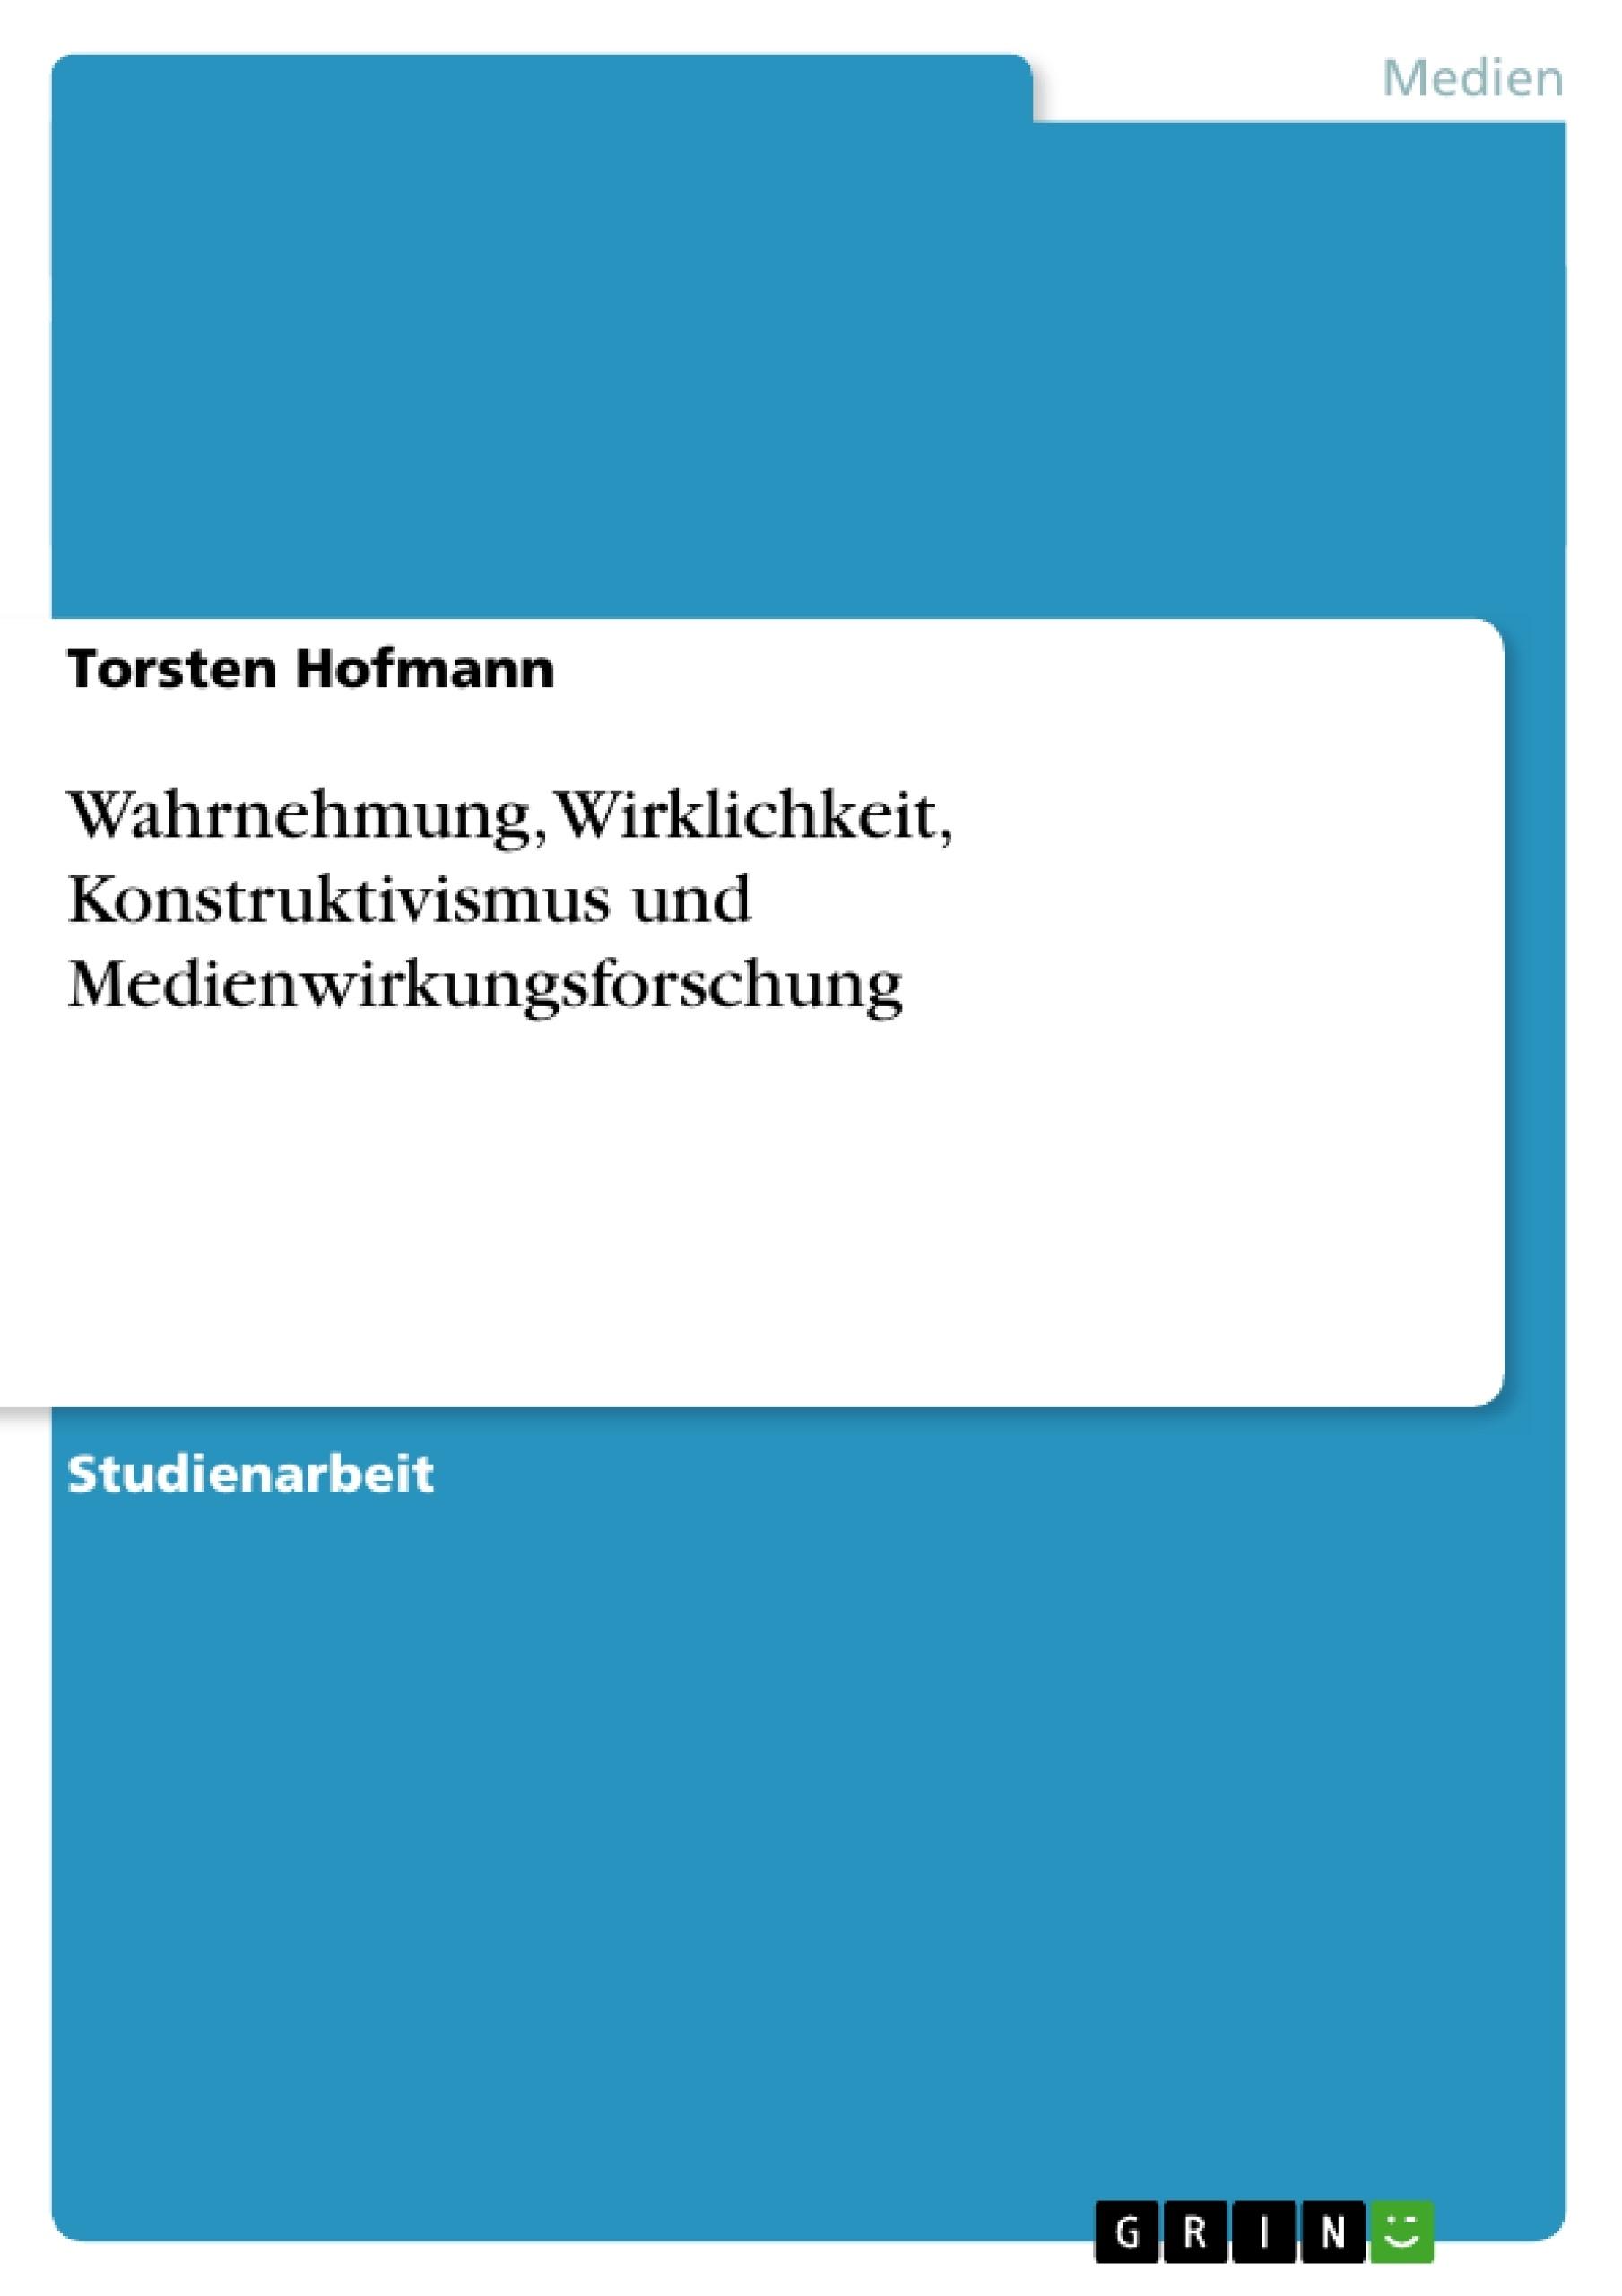 Titel: Wahrnehmung, Wirklichkeit, Konstruktivismus und Medienwirkungsforschung